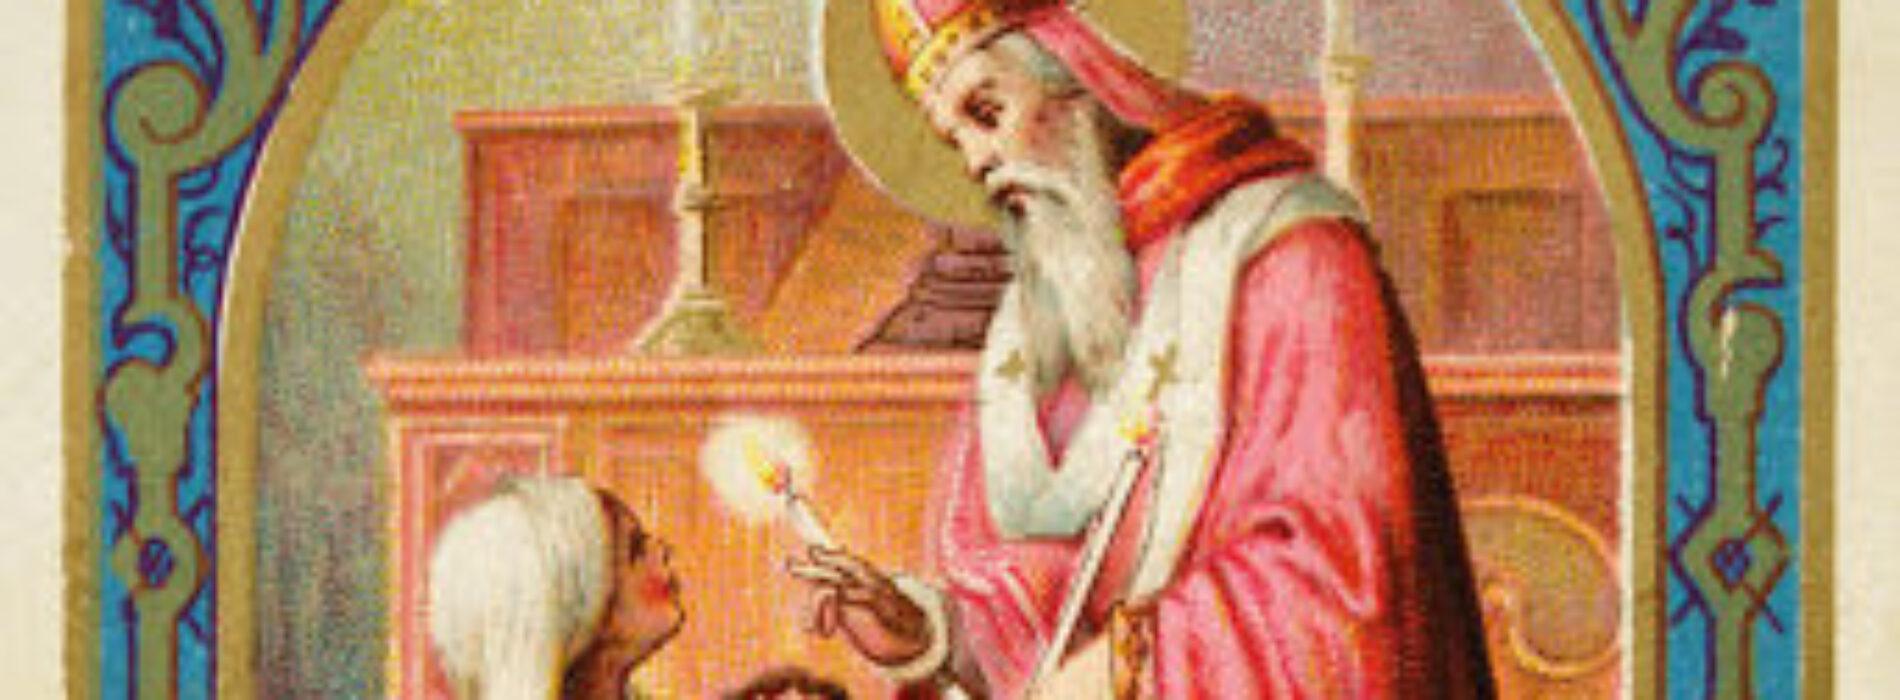 San Biagio, il vescovo martire invocato per proteggere la gola